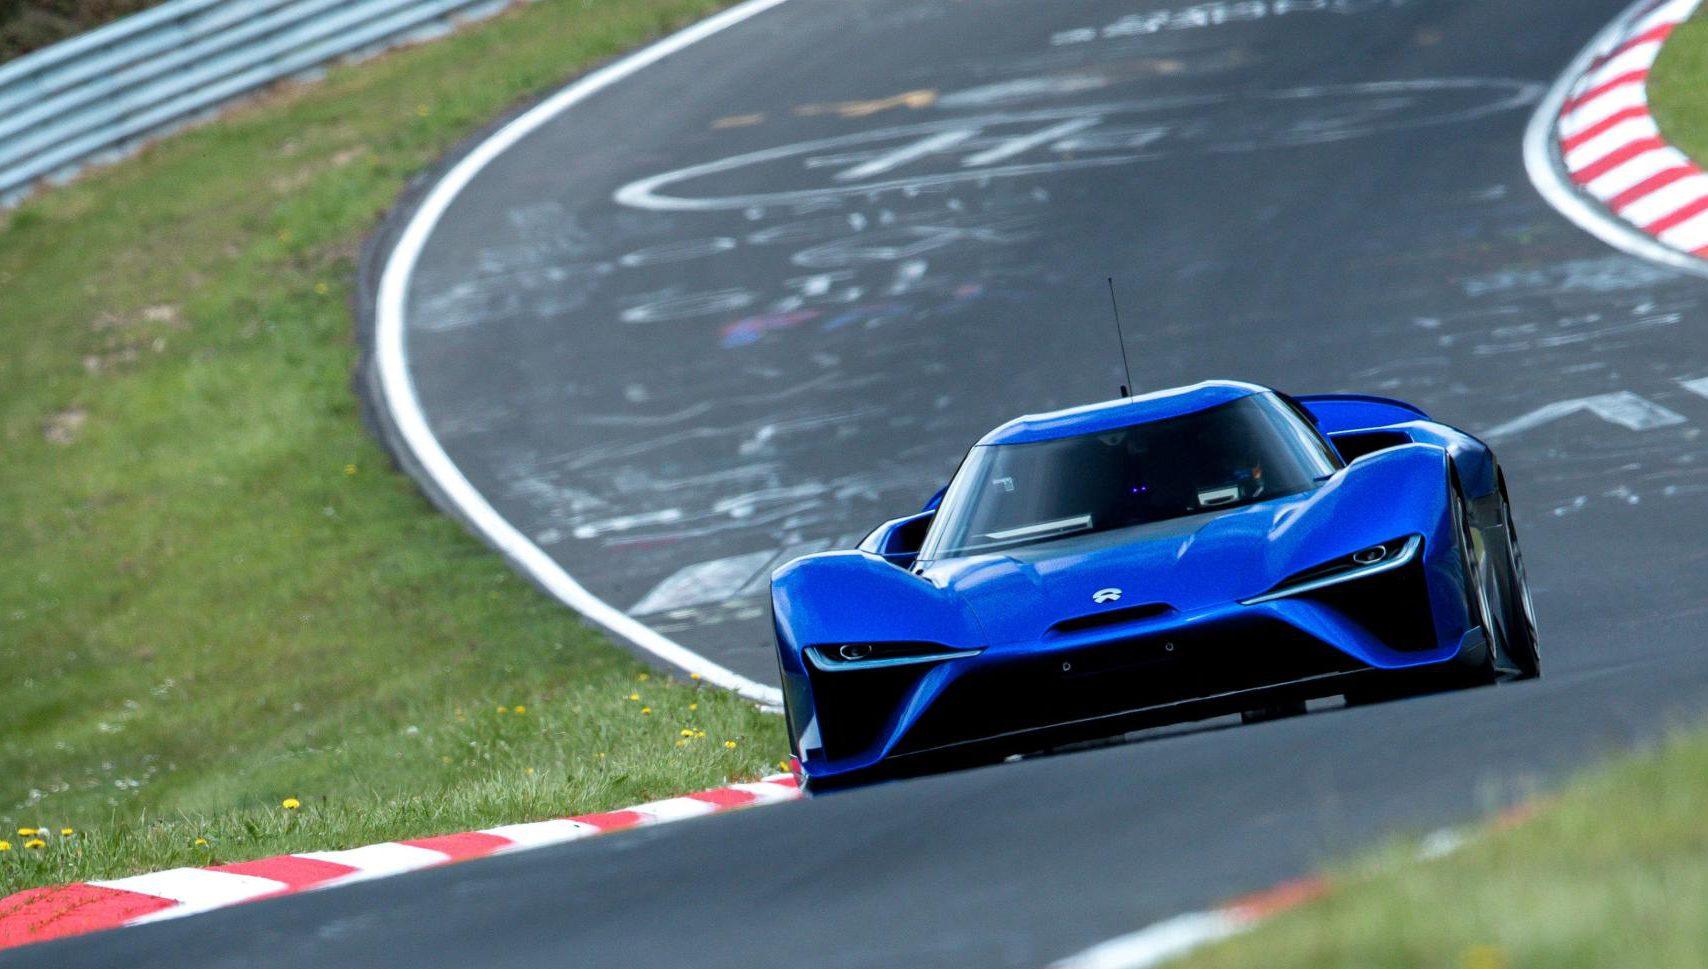 Самый быстрый автомобильный автомобиль, который когда-либо был в коленях Нюрбургринга, — это в настоящее время полностью электрифицированный NIO EP9